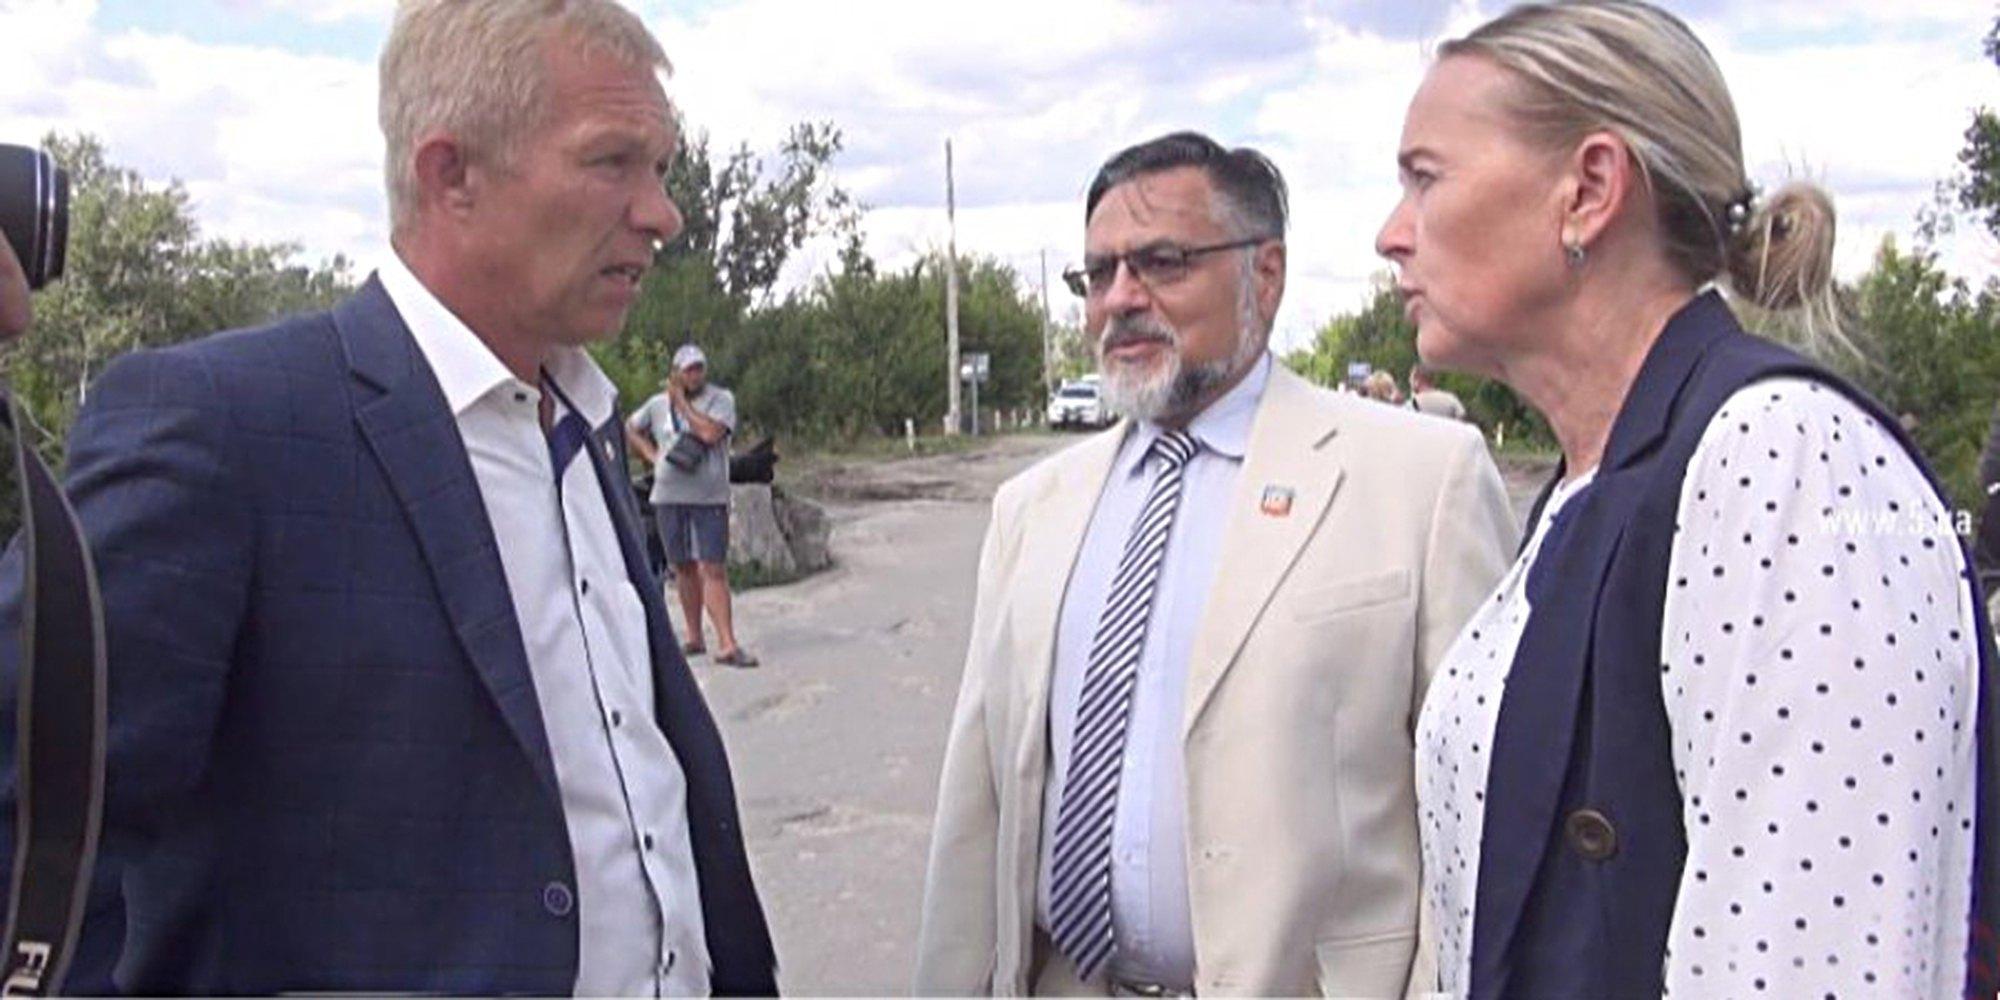 Сепаратисти терористичної так званої ЛНР Дейнего і Копцева безкарно прогулюються на території Станиці Луганської